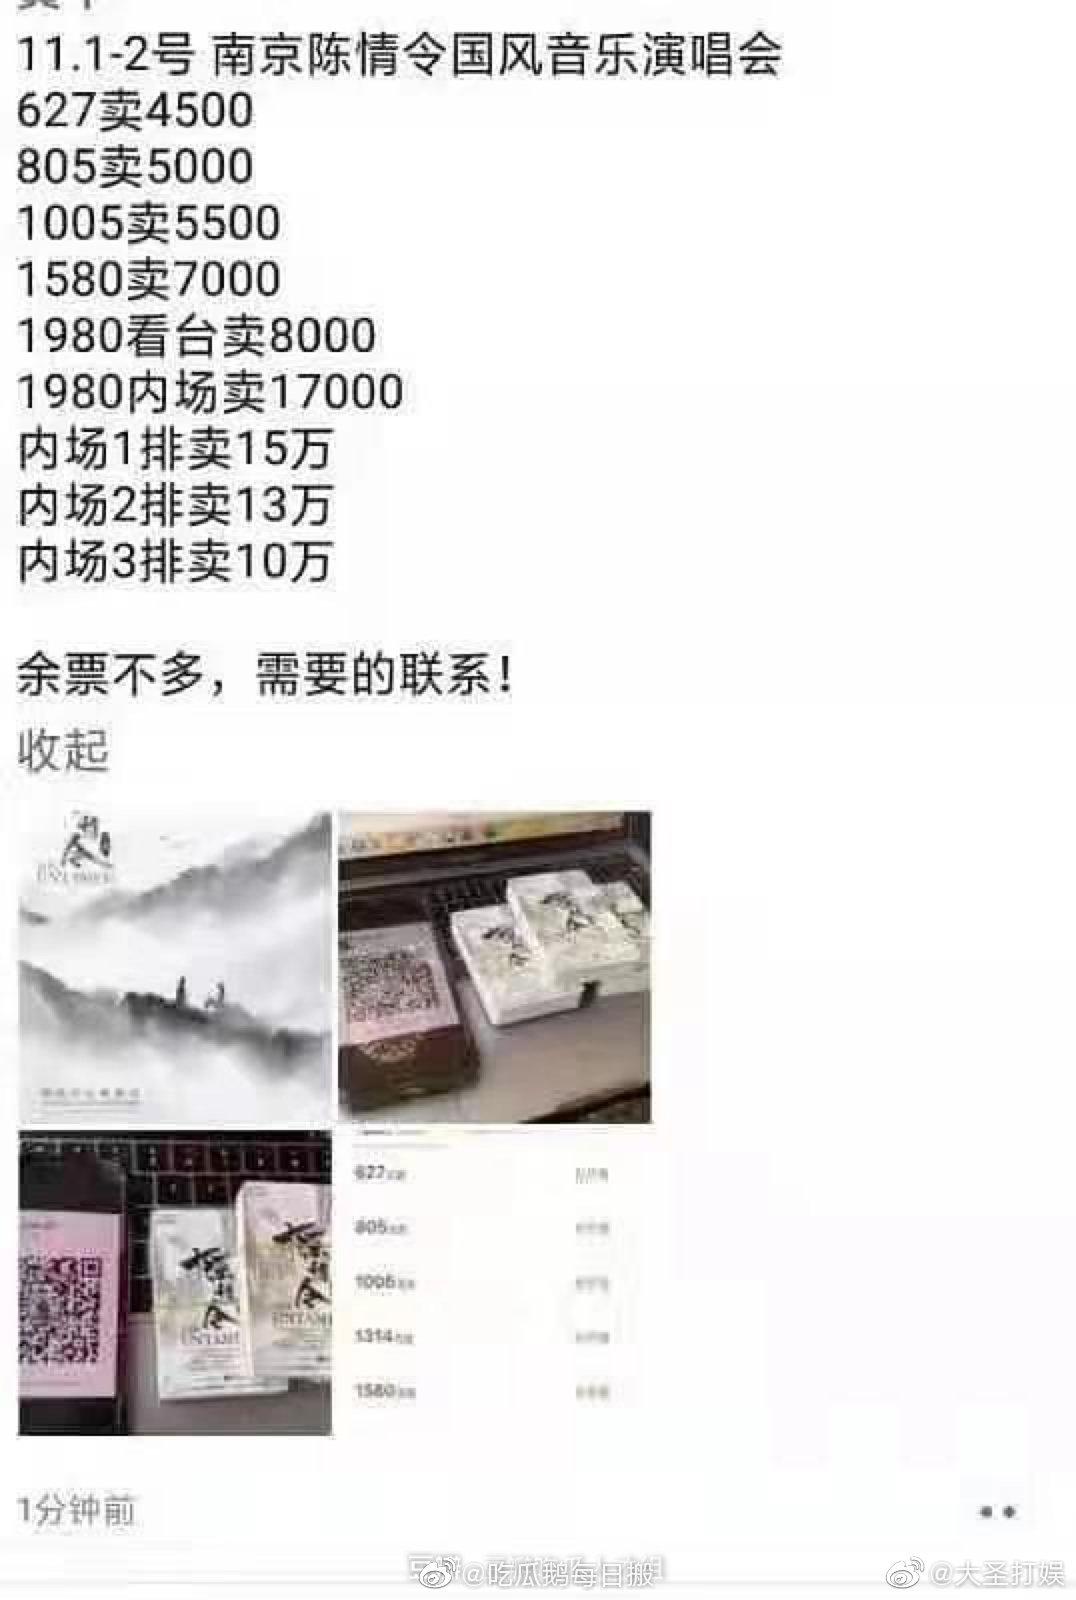 《陈情令》演唱会内场门票已经被炒到15万王一博肖战人气太高了吧